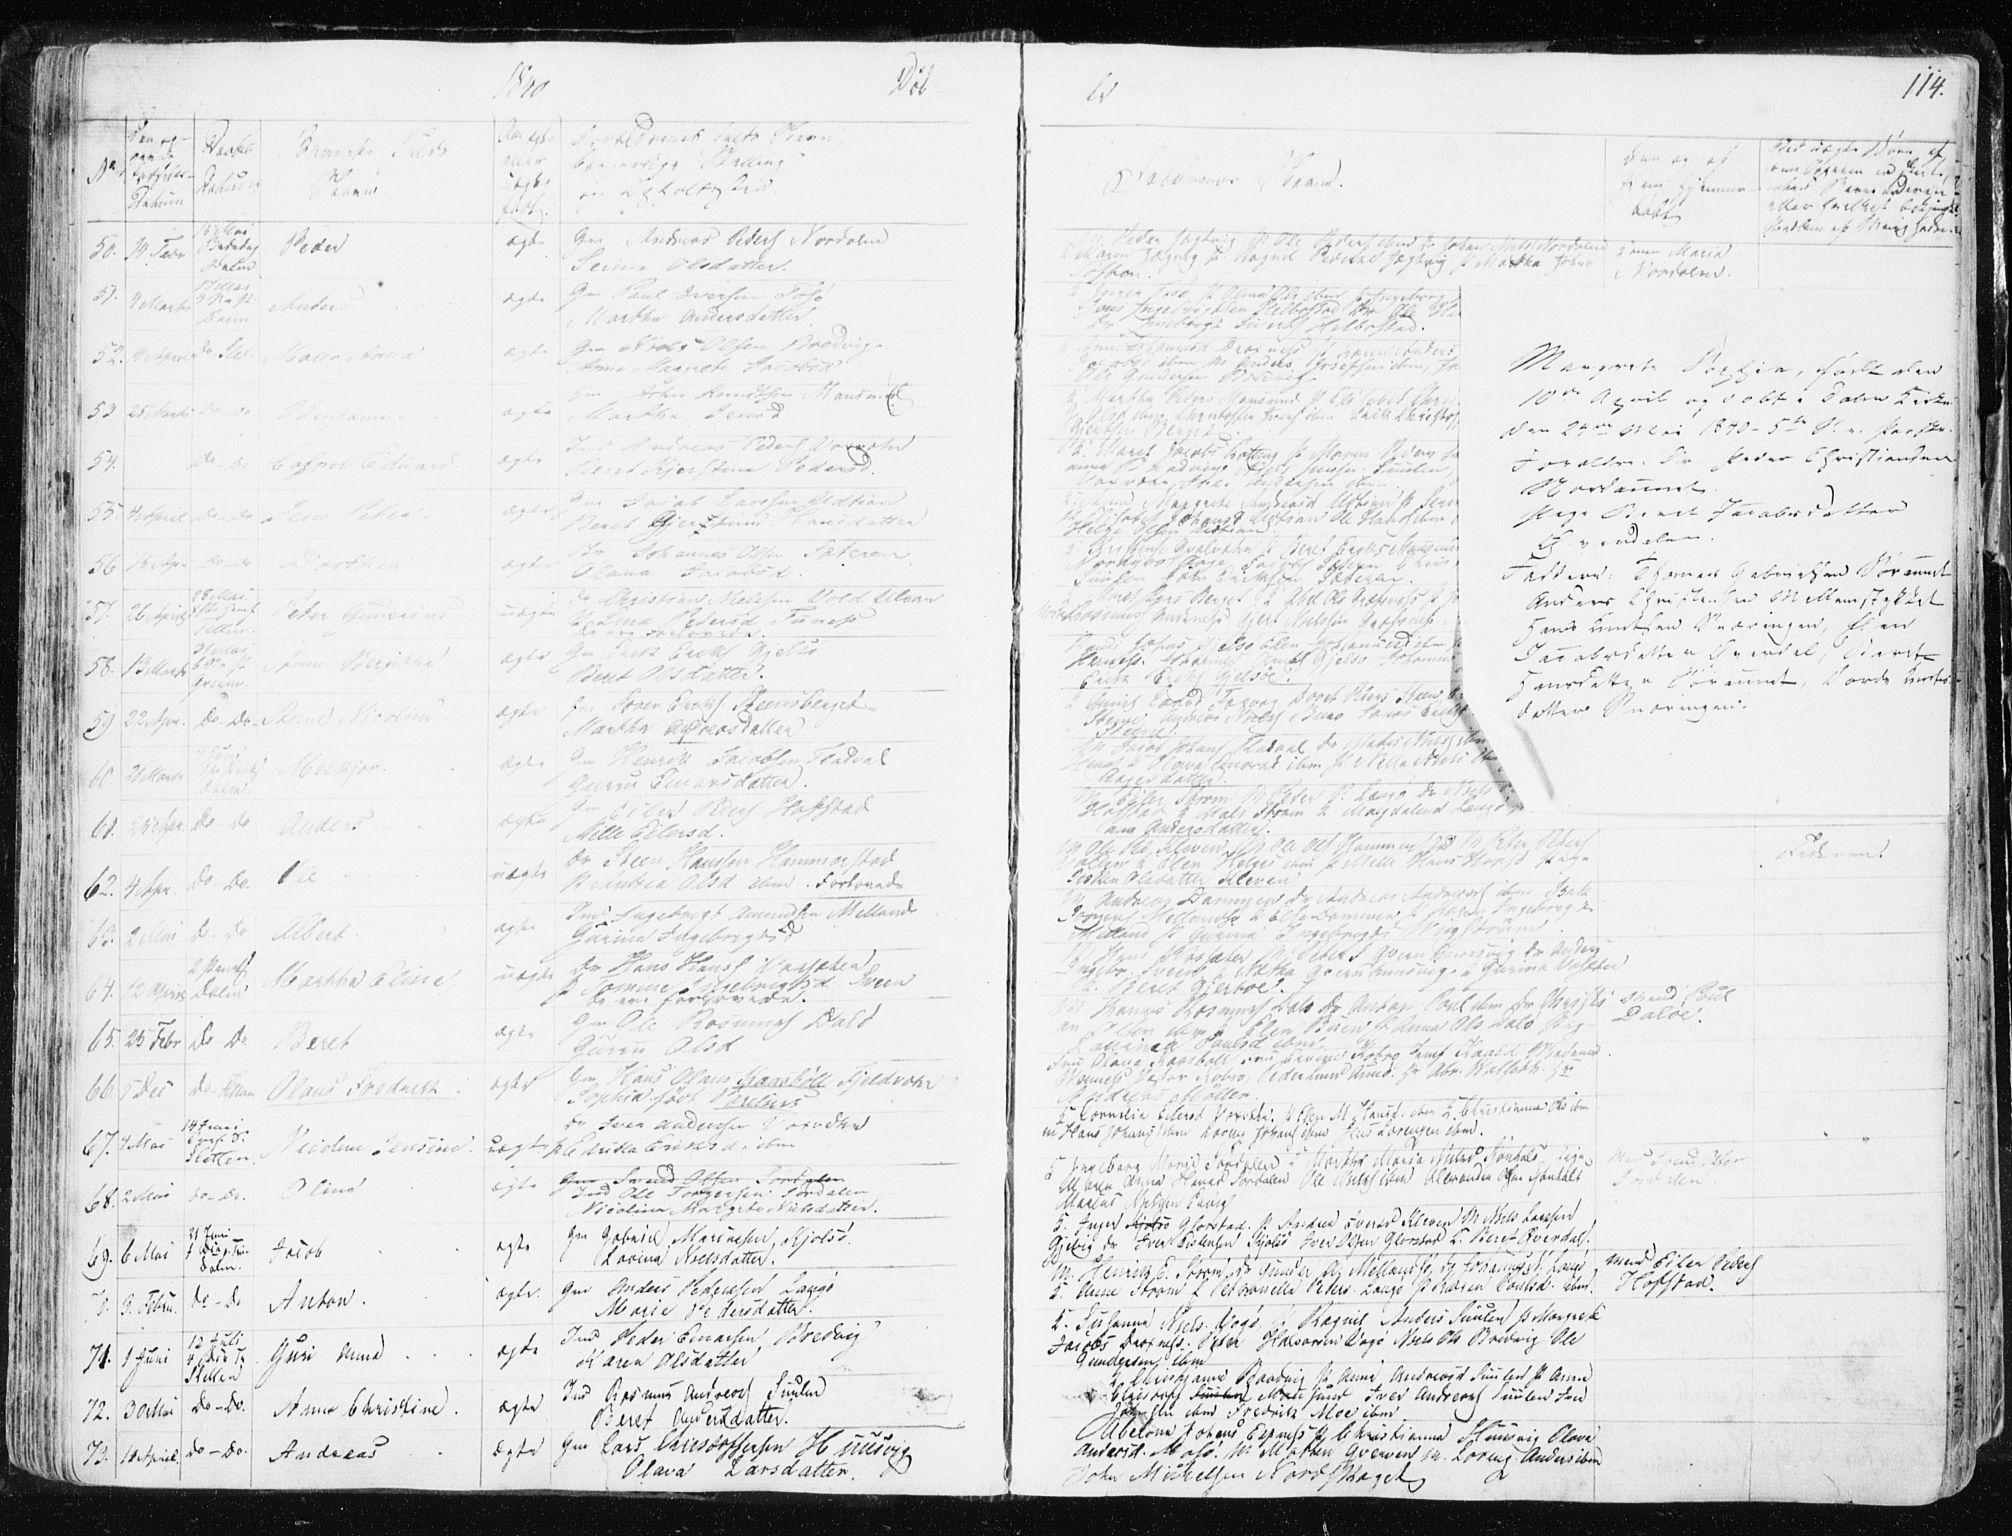 SAT, Ministerialprotokoller, klokkerbøker og fødselsregistre - Sør-Trøndelag, 634/L0528: Ministerialbok nr. 634A04, 1827-1842, s. 114